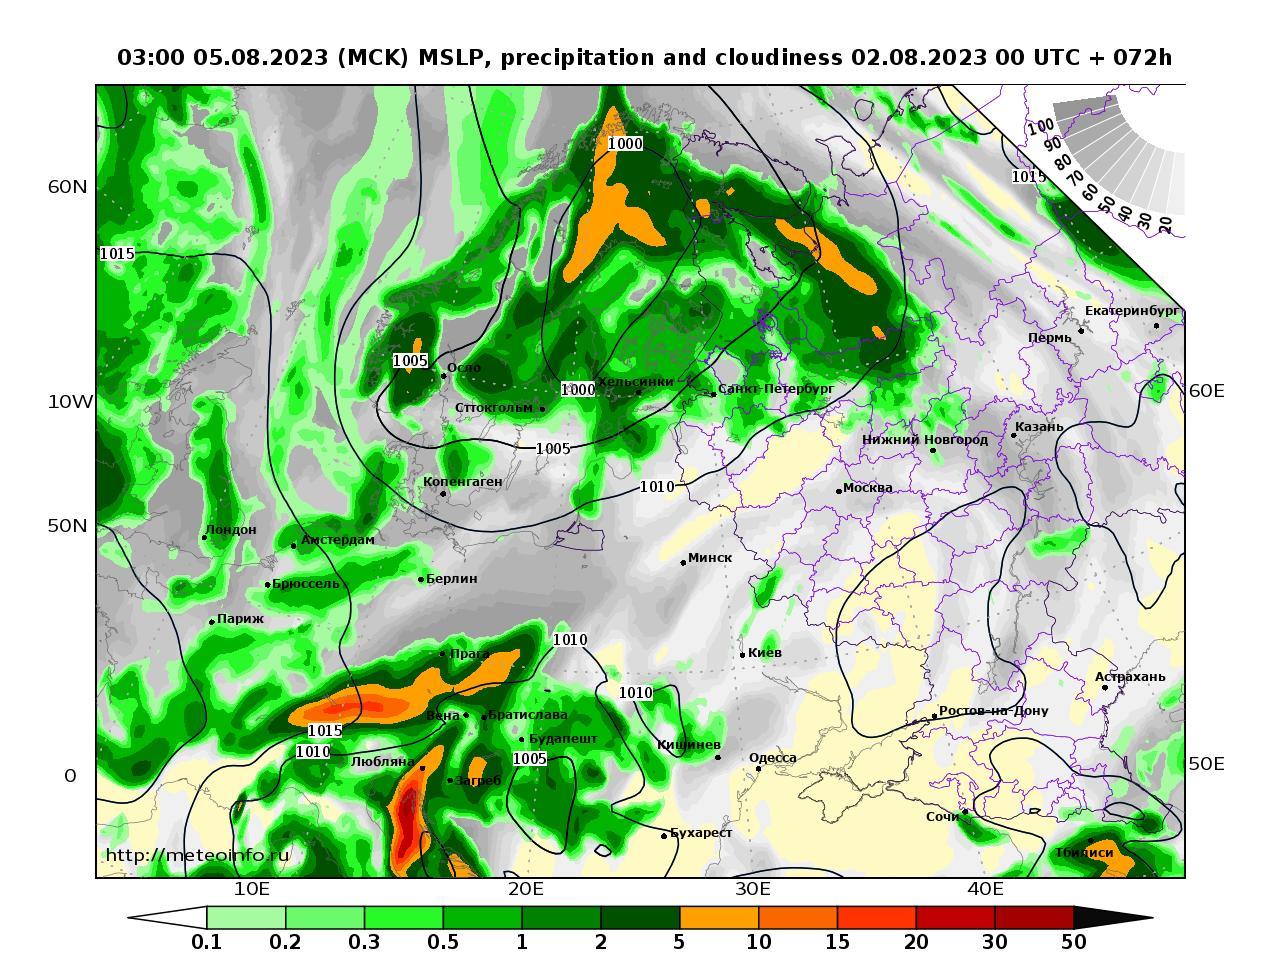 Европейская территория России, прогностическая карта осадки и давление, заблаговременность прогноза 72 часа